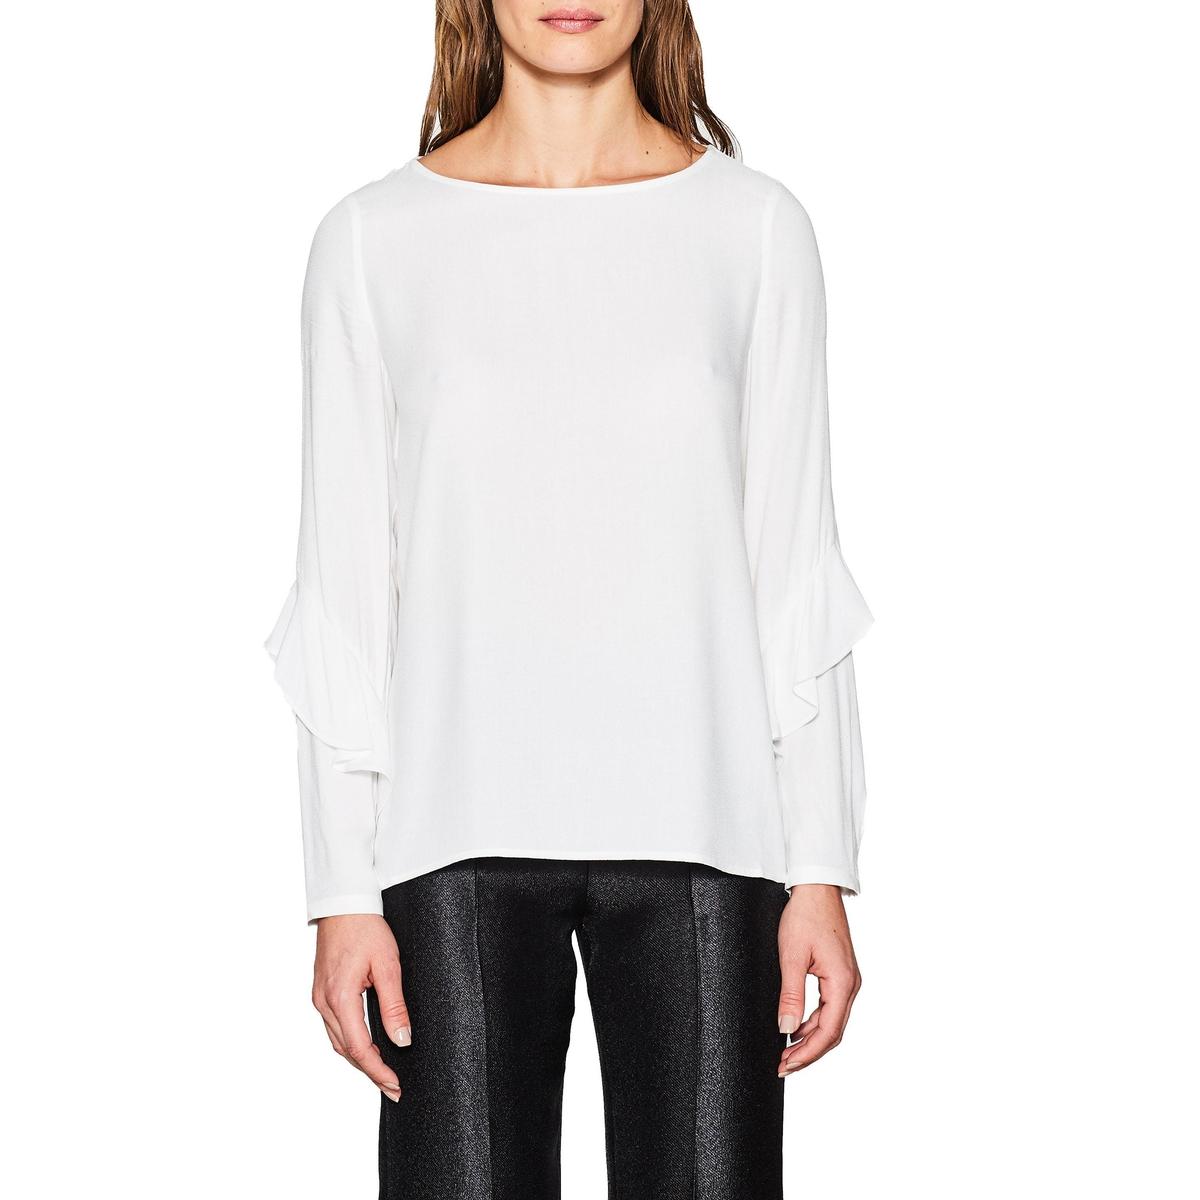 Blusa recta con cuello tunecino lisa, de manga larga